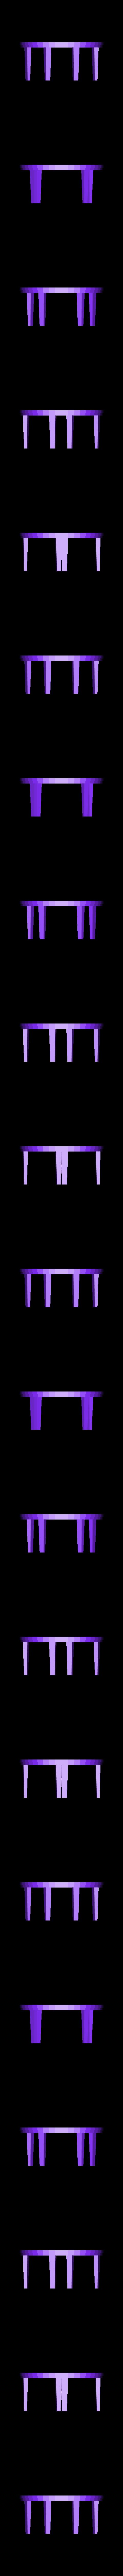 Mesa-redonda.obj Télécharger fichier OBJ gratuit Table ronde • Modèle pour impression 3D, Superer012